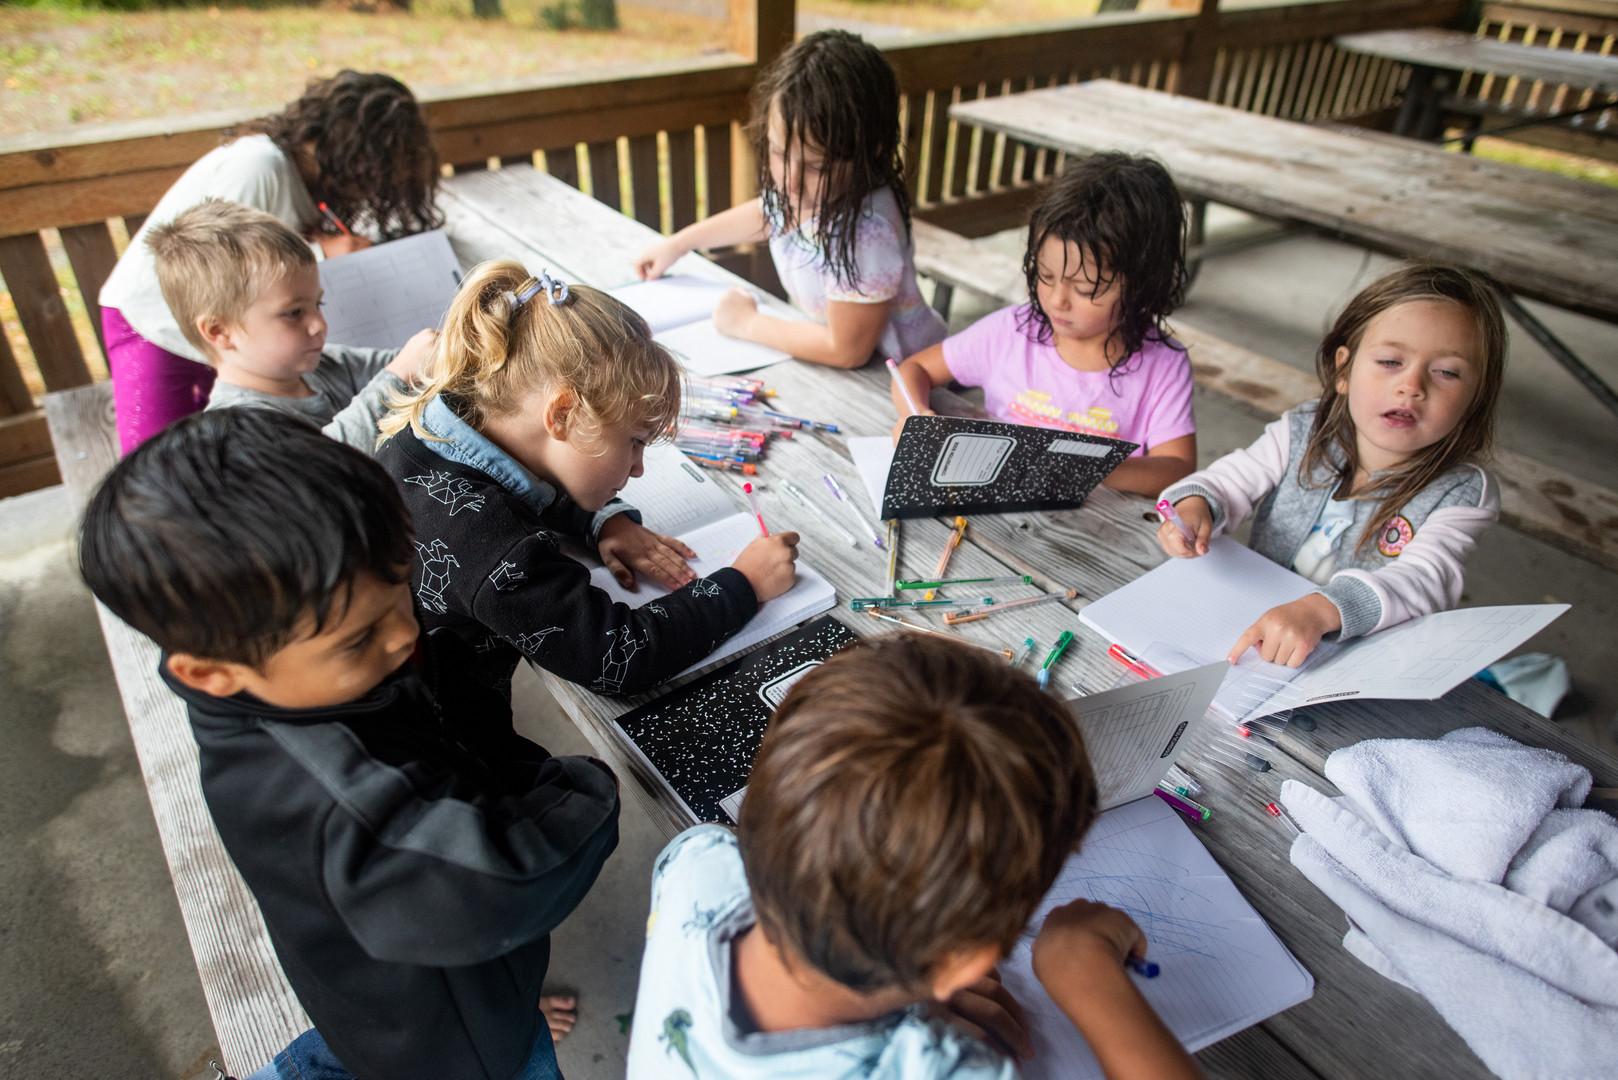 200926_tda_photo_outdoorschool-1.jpg